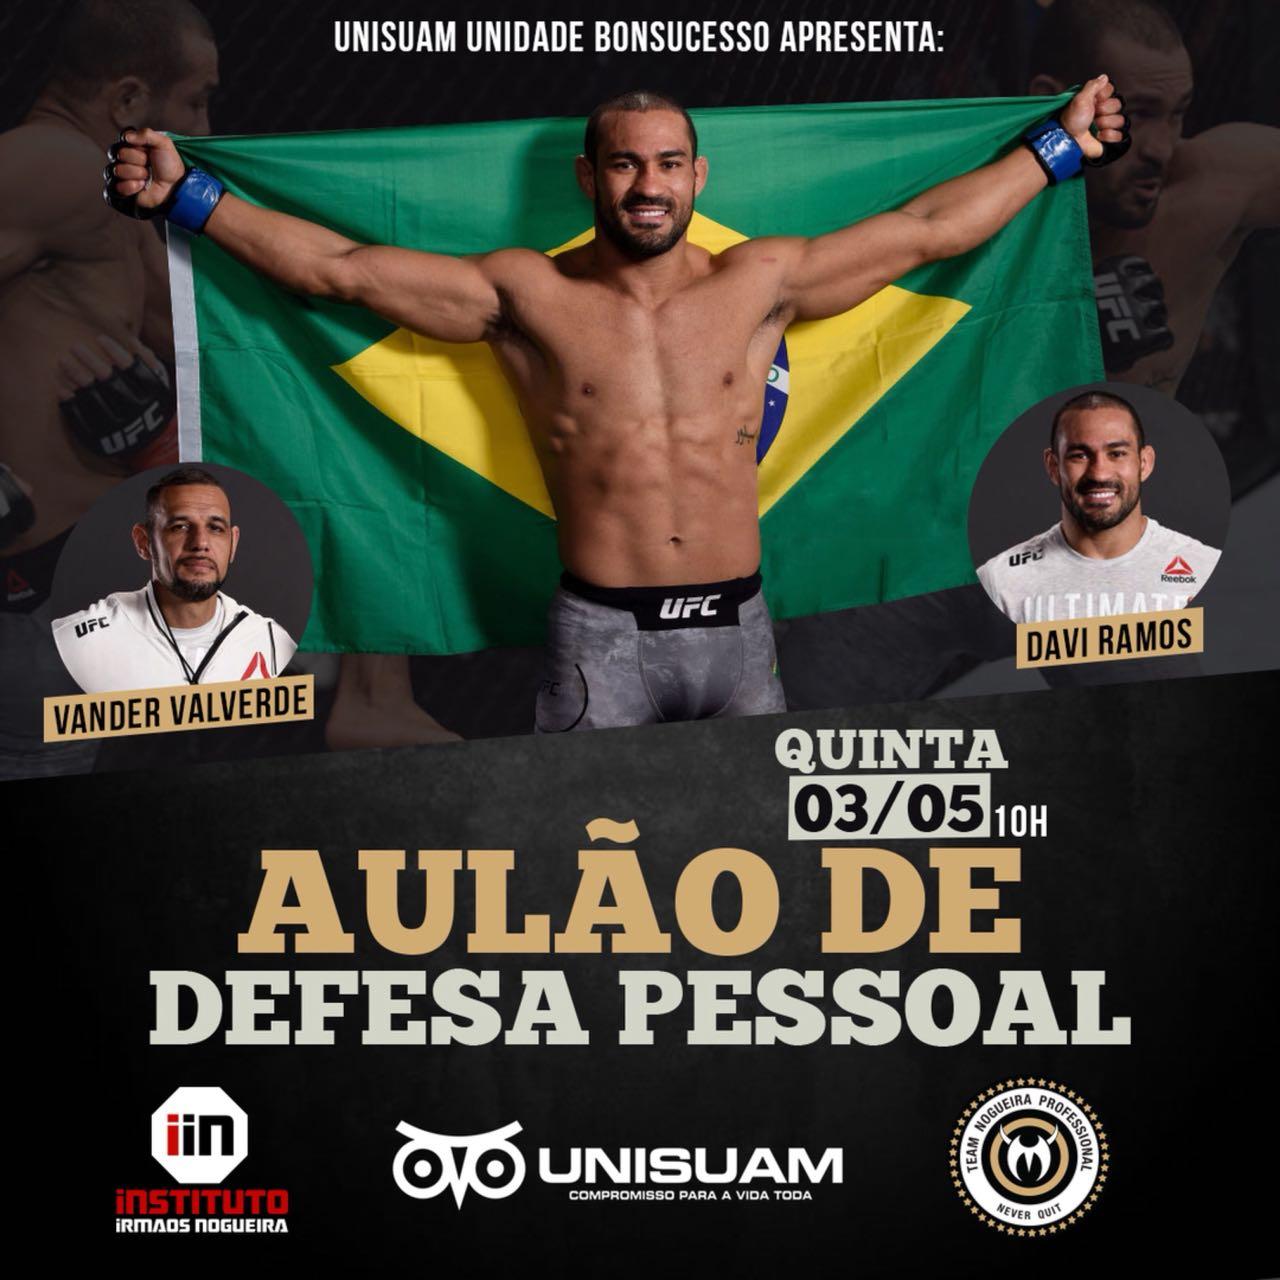 Com distribuição de ingressos para pesagem do UFC 224, Davi Ramos realiza aulão beneficente no Rio